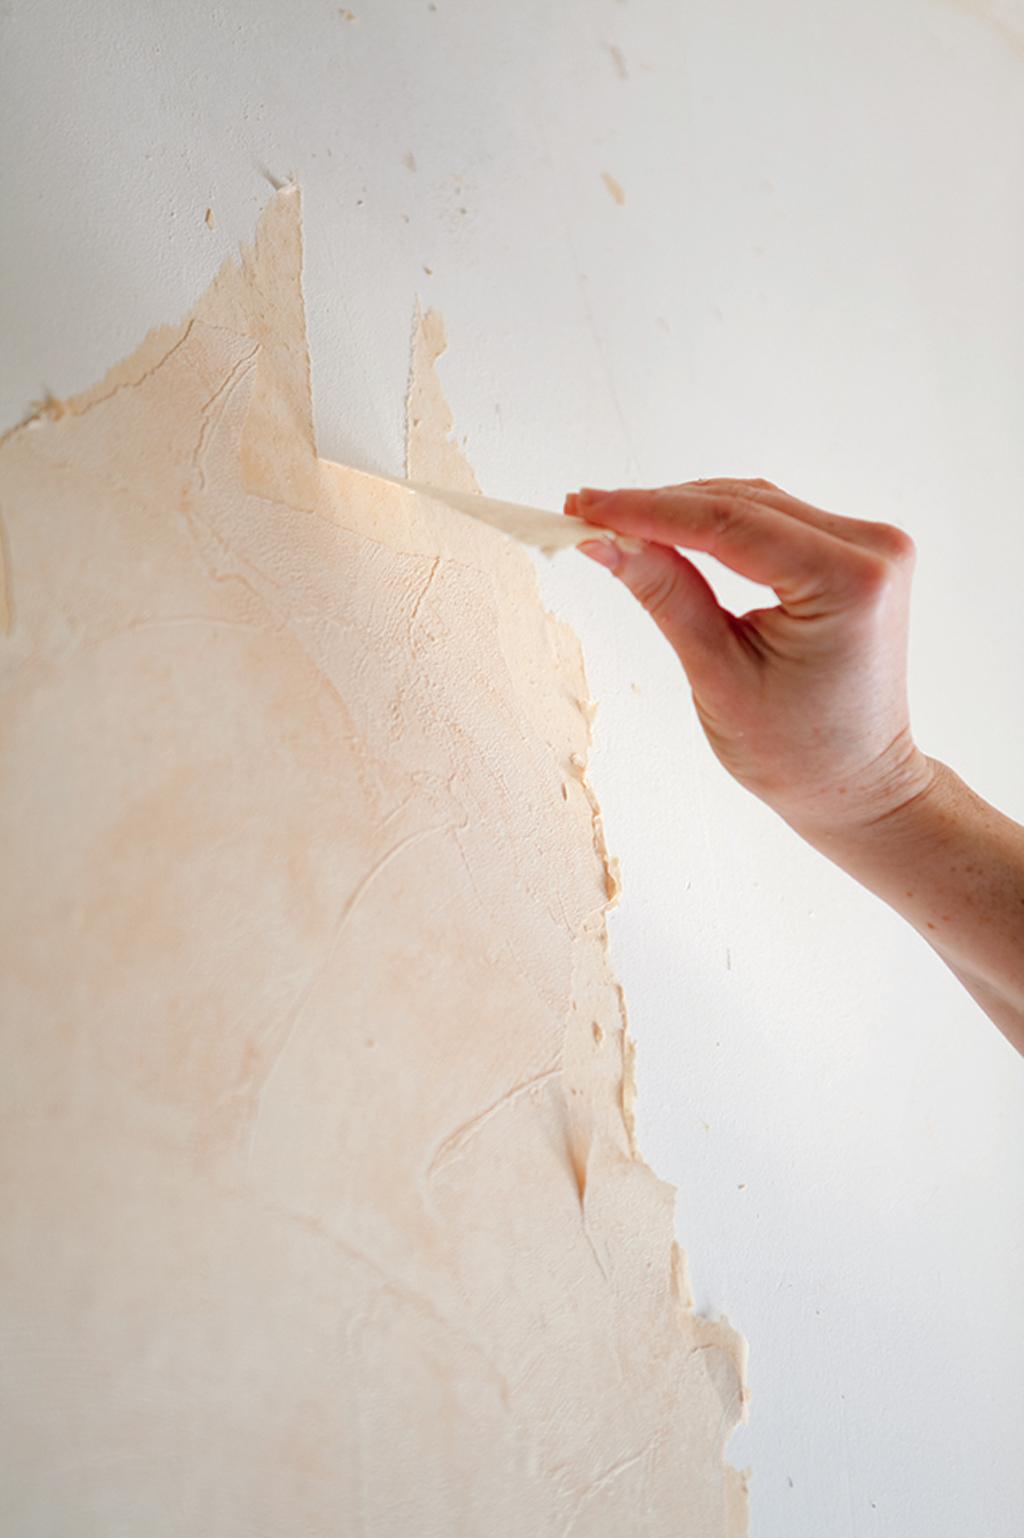 Spatule Décoller Papier Peint décoller du papier peint à l'eau chaude | diy family